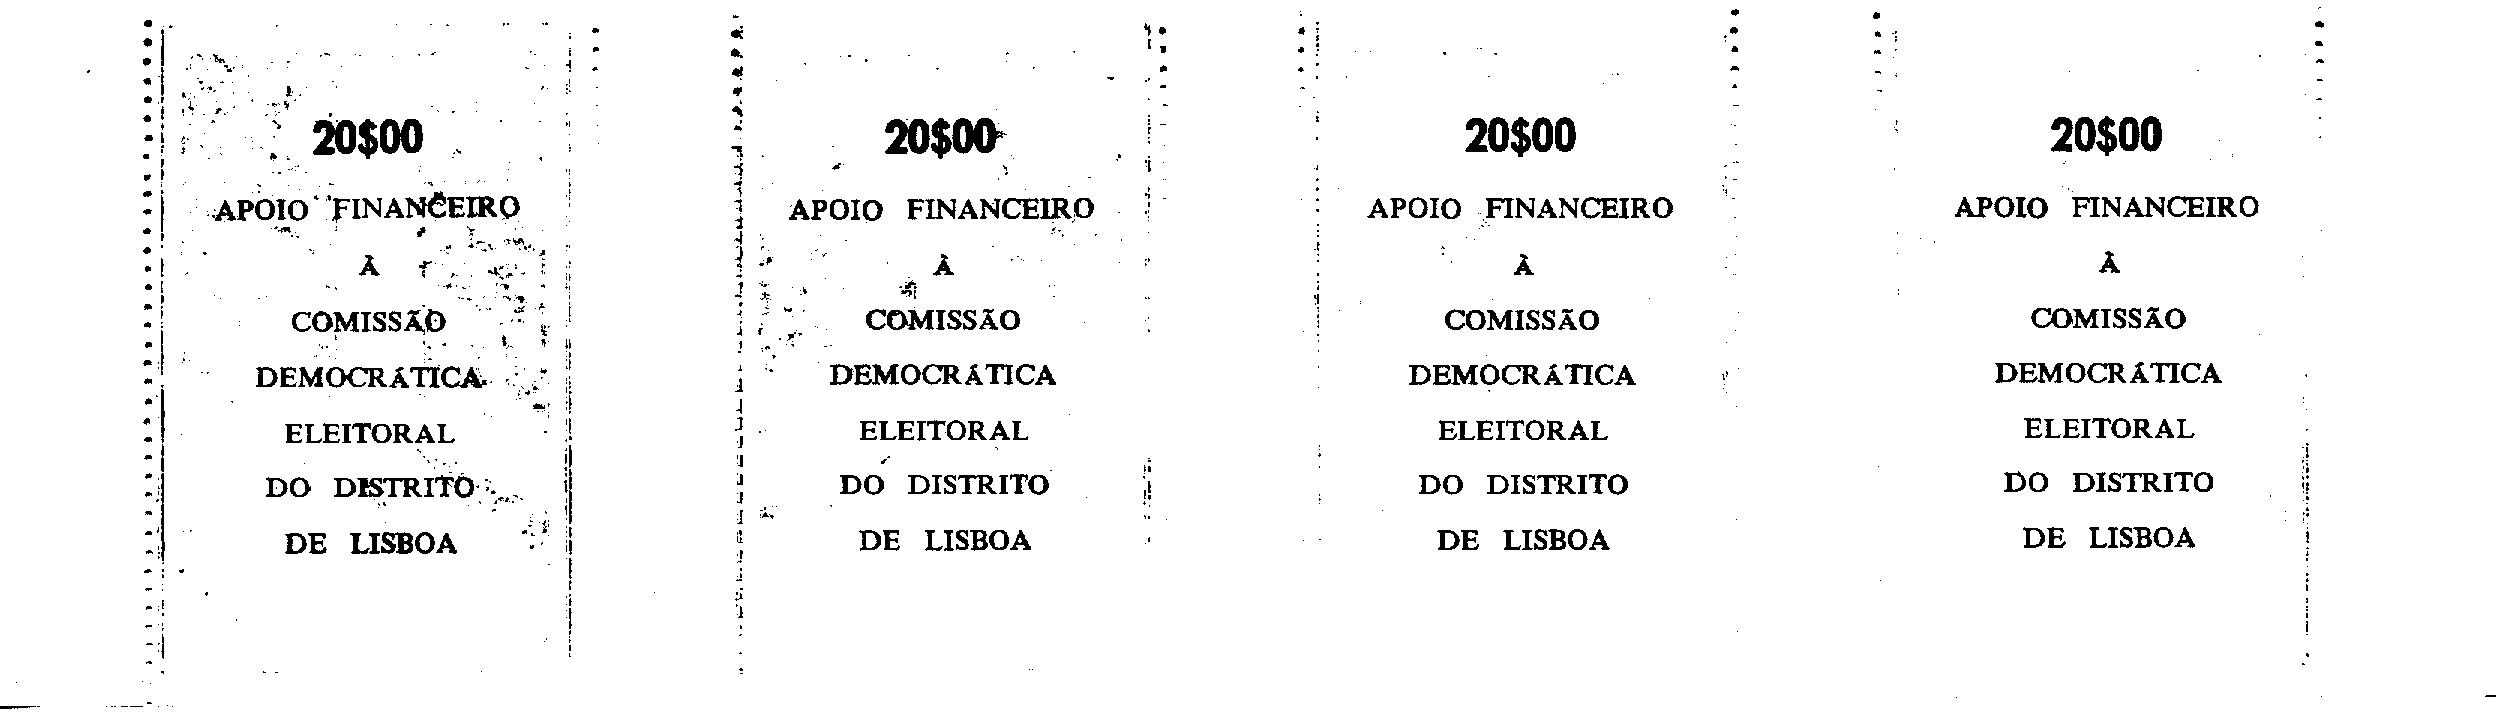 04456.020- pag.2